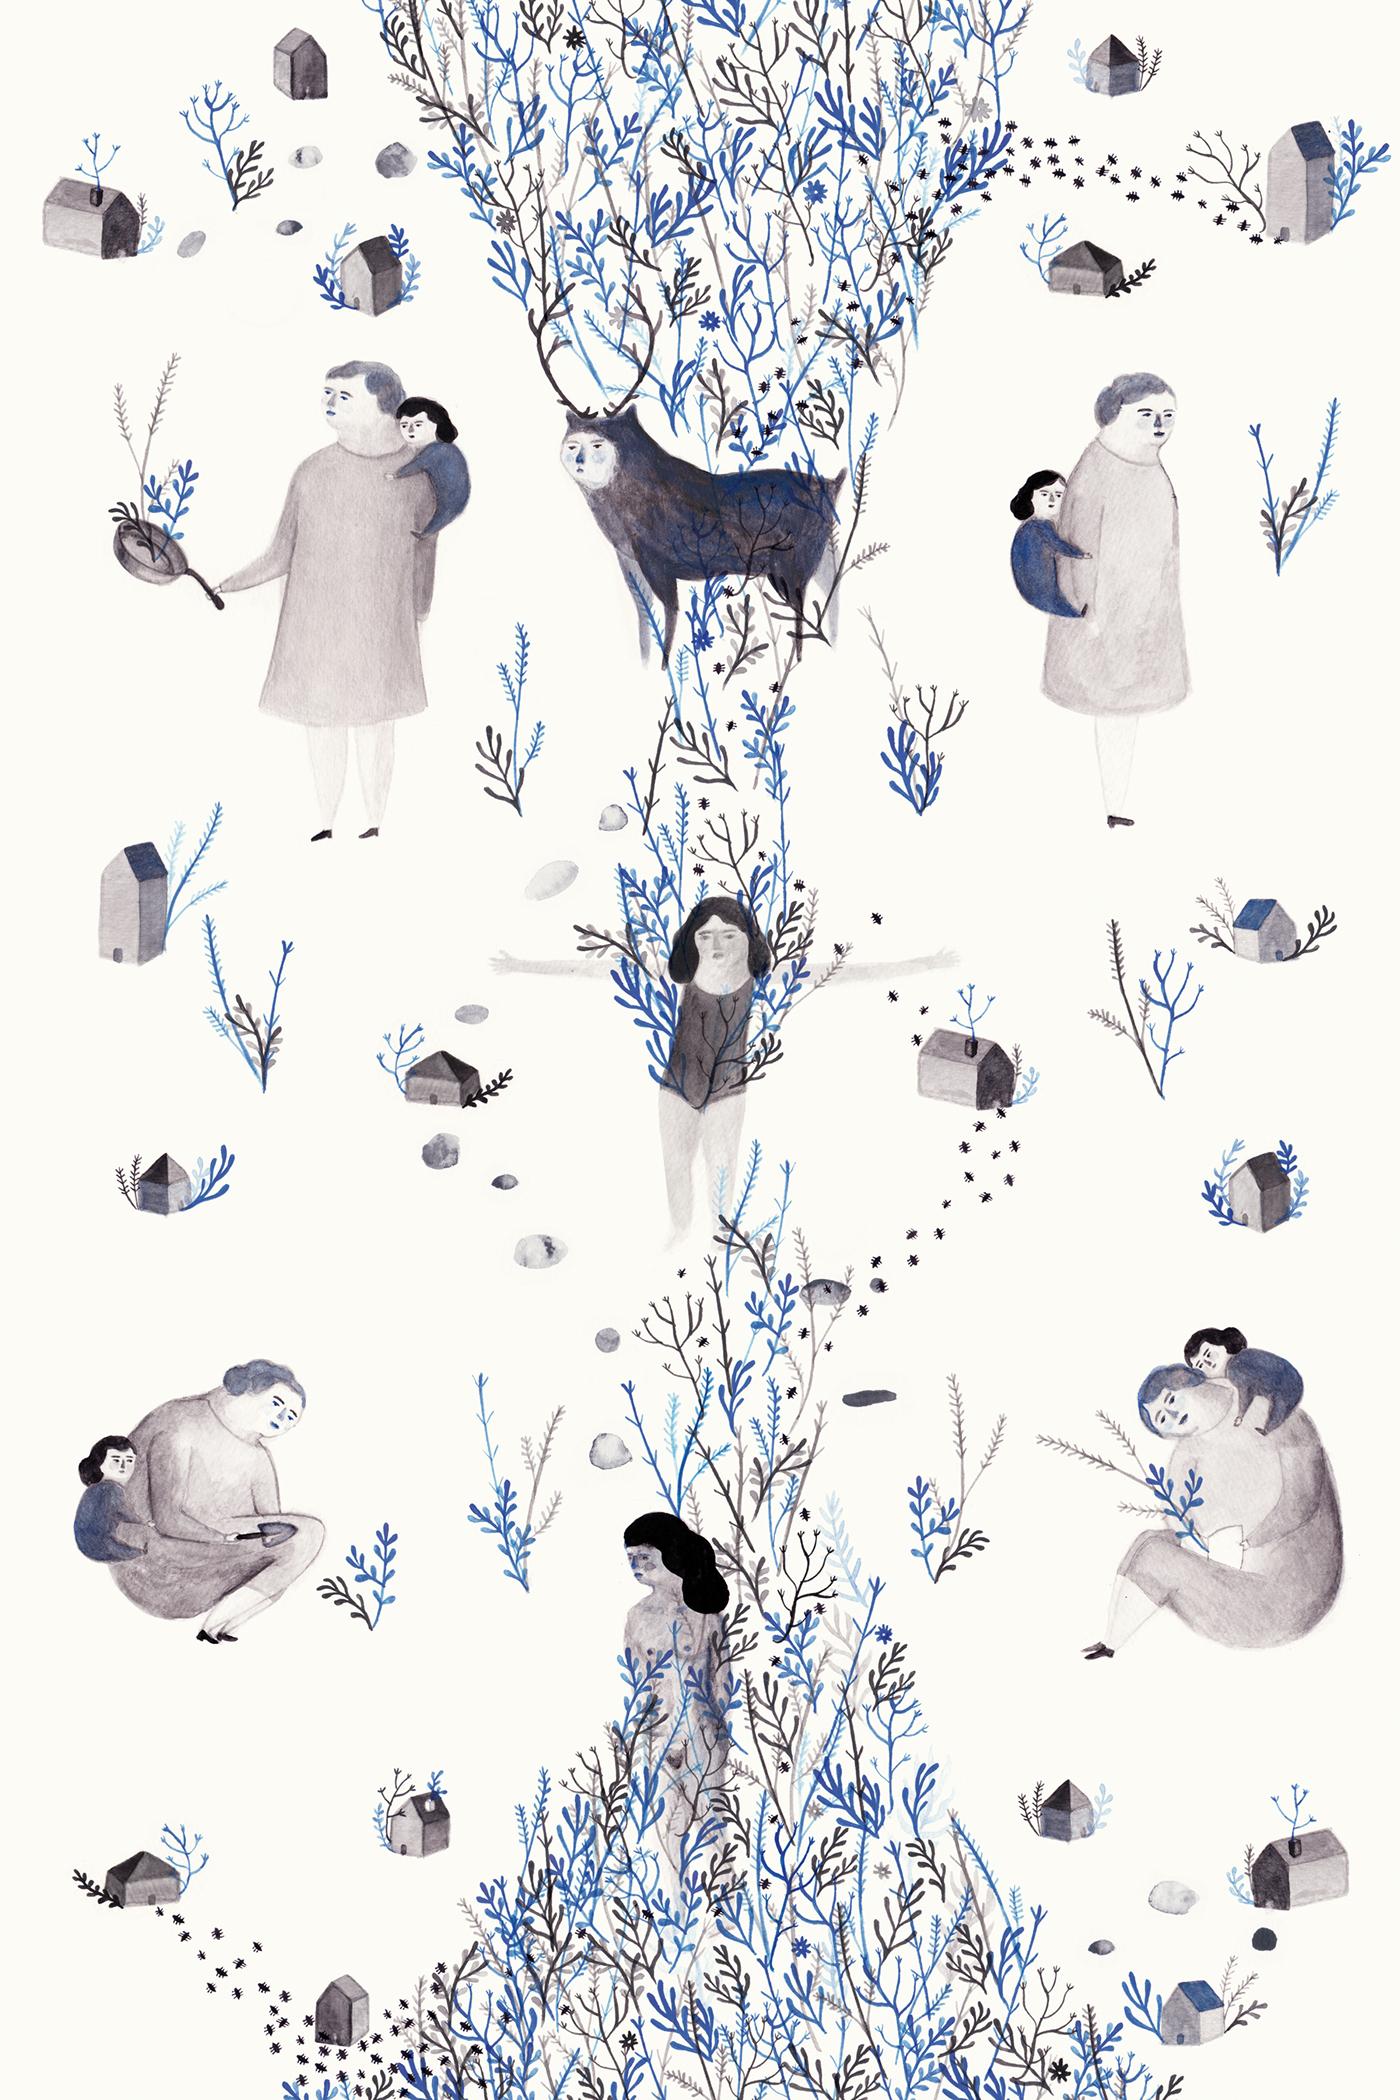 memories souvenirs childhood enfance gouache print pattern motif UQAM ILLUSTRATION